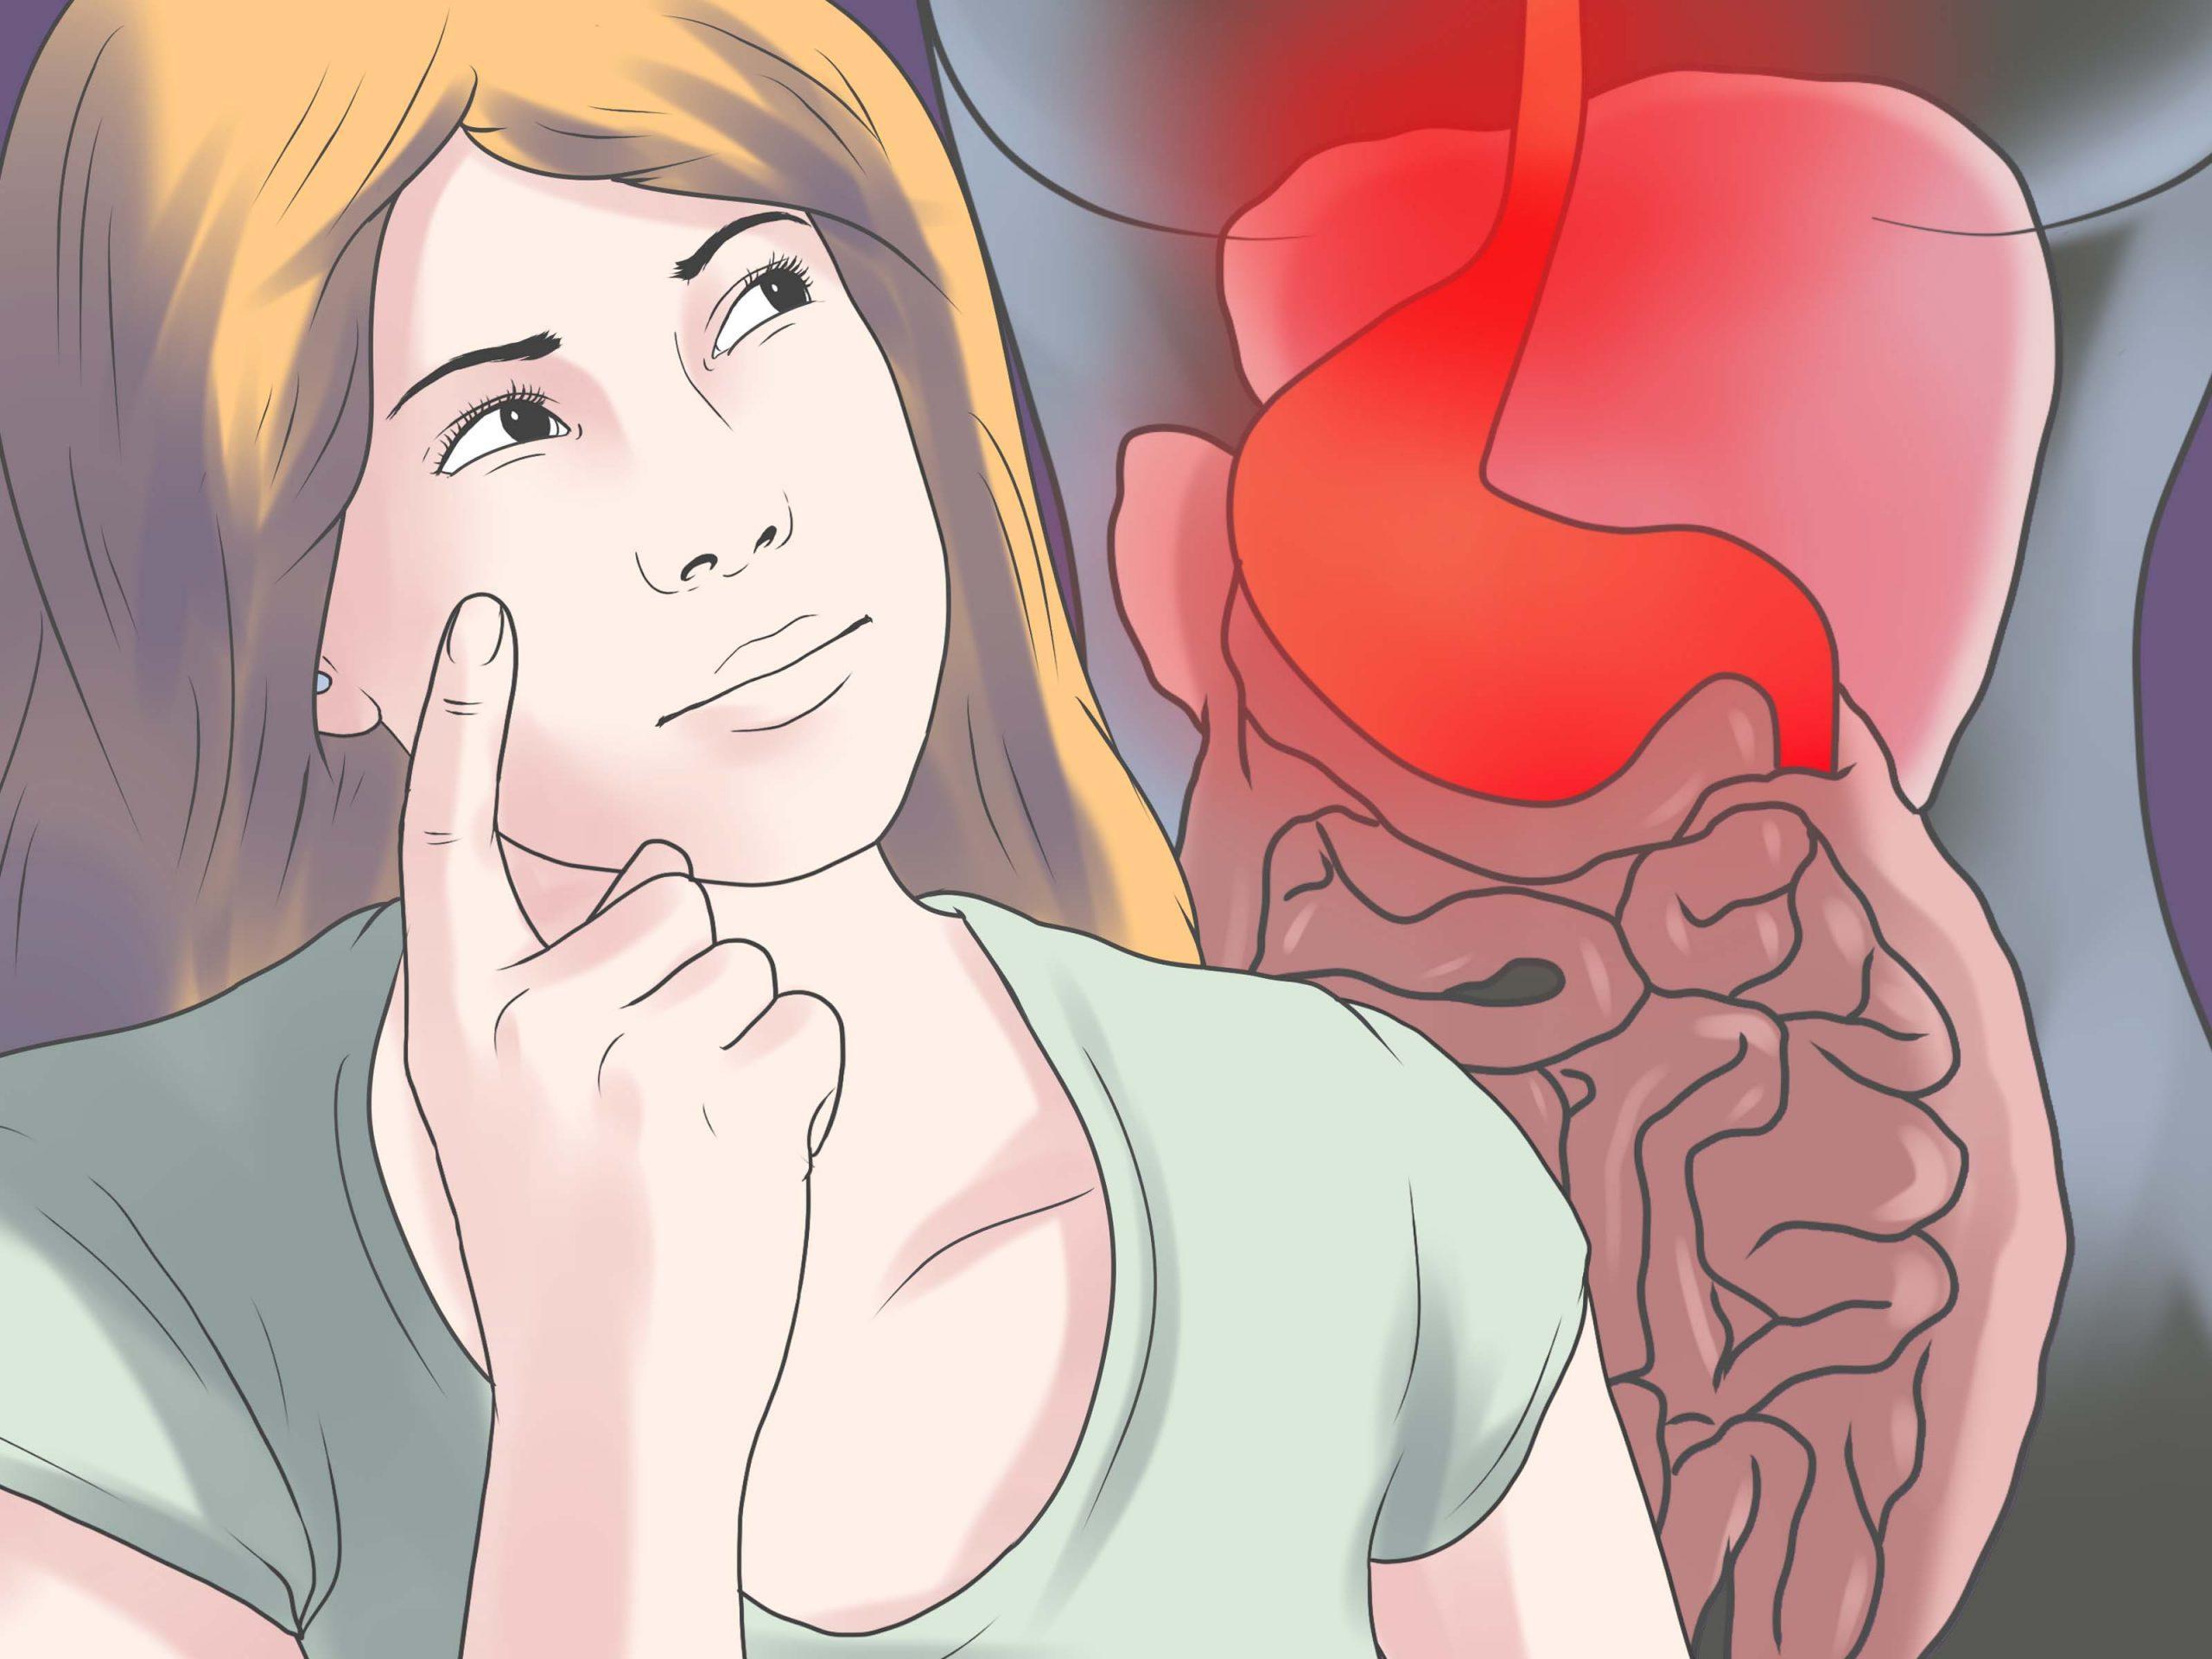 Γαστρίτιδα και γαστροπάρεση  : Φυσικοί τρόποι για να θεραπευθείτε